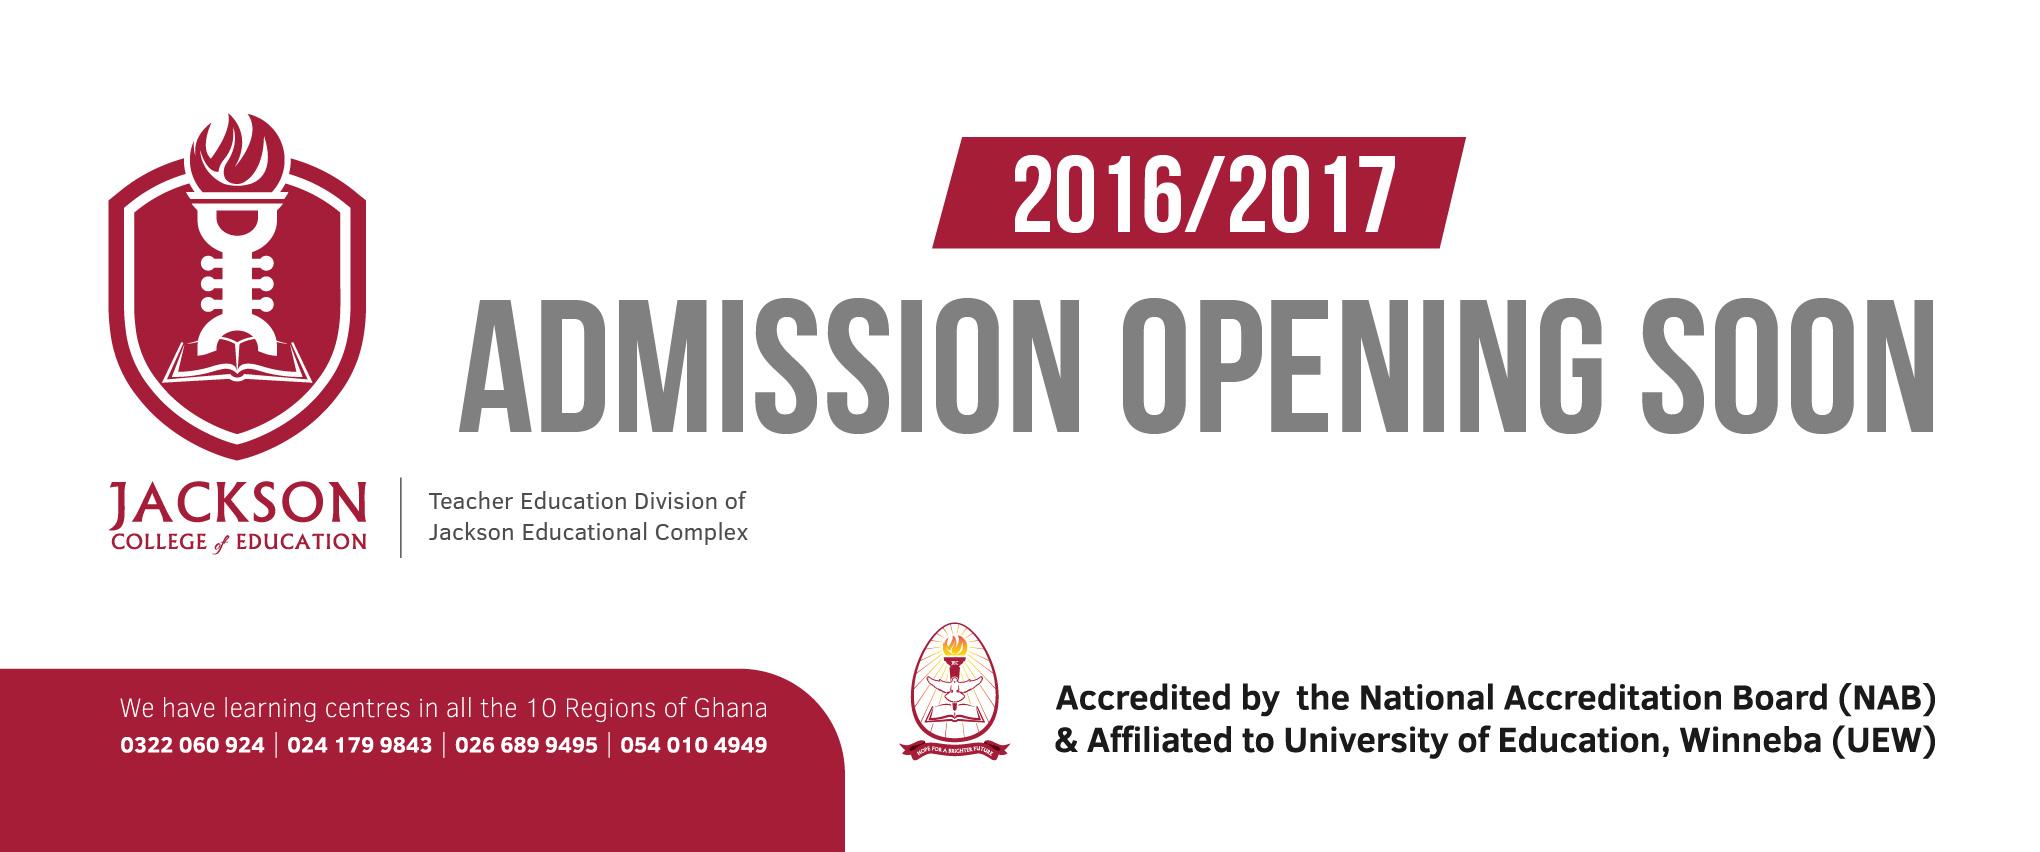 jec-web-banner-2016-admission-final_1